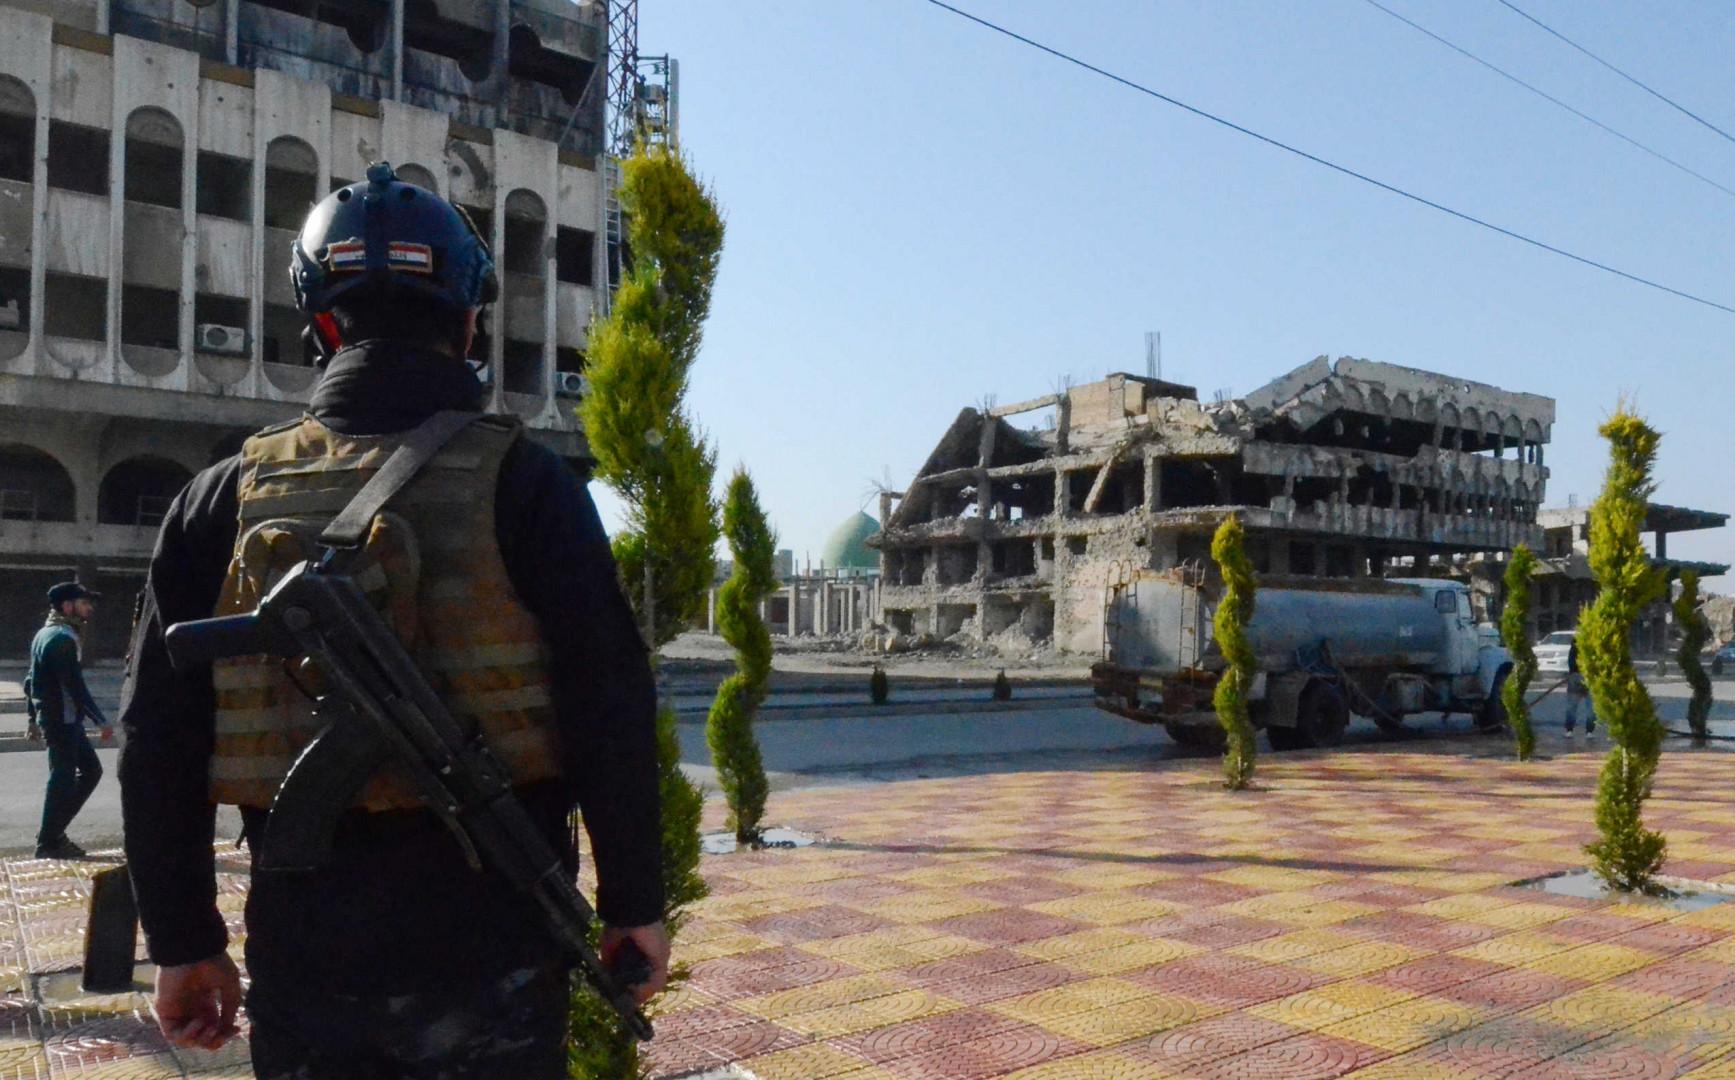 النزاهة توقف 10 موظفين بتهمة التلاعب بعقارات الدولة في الموصل